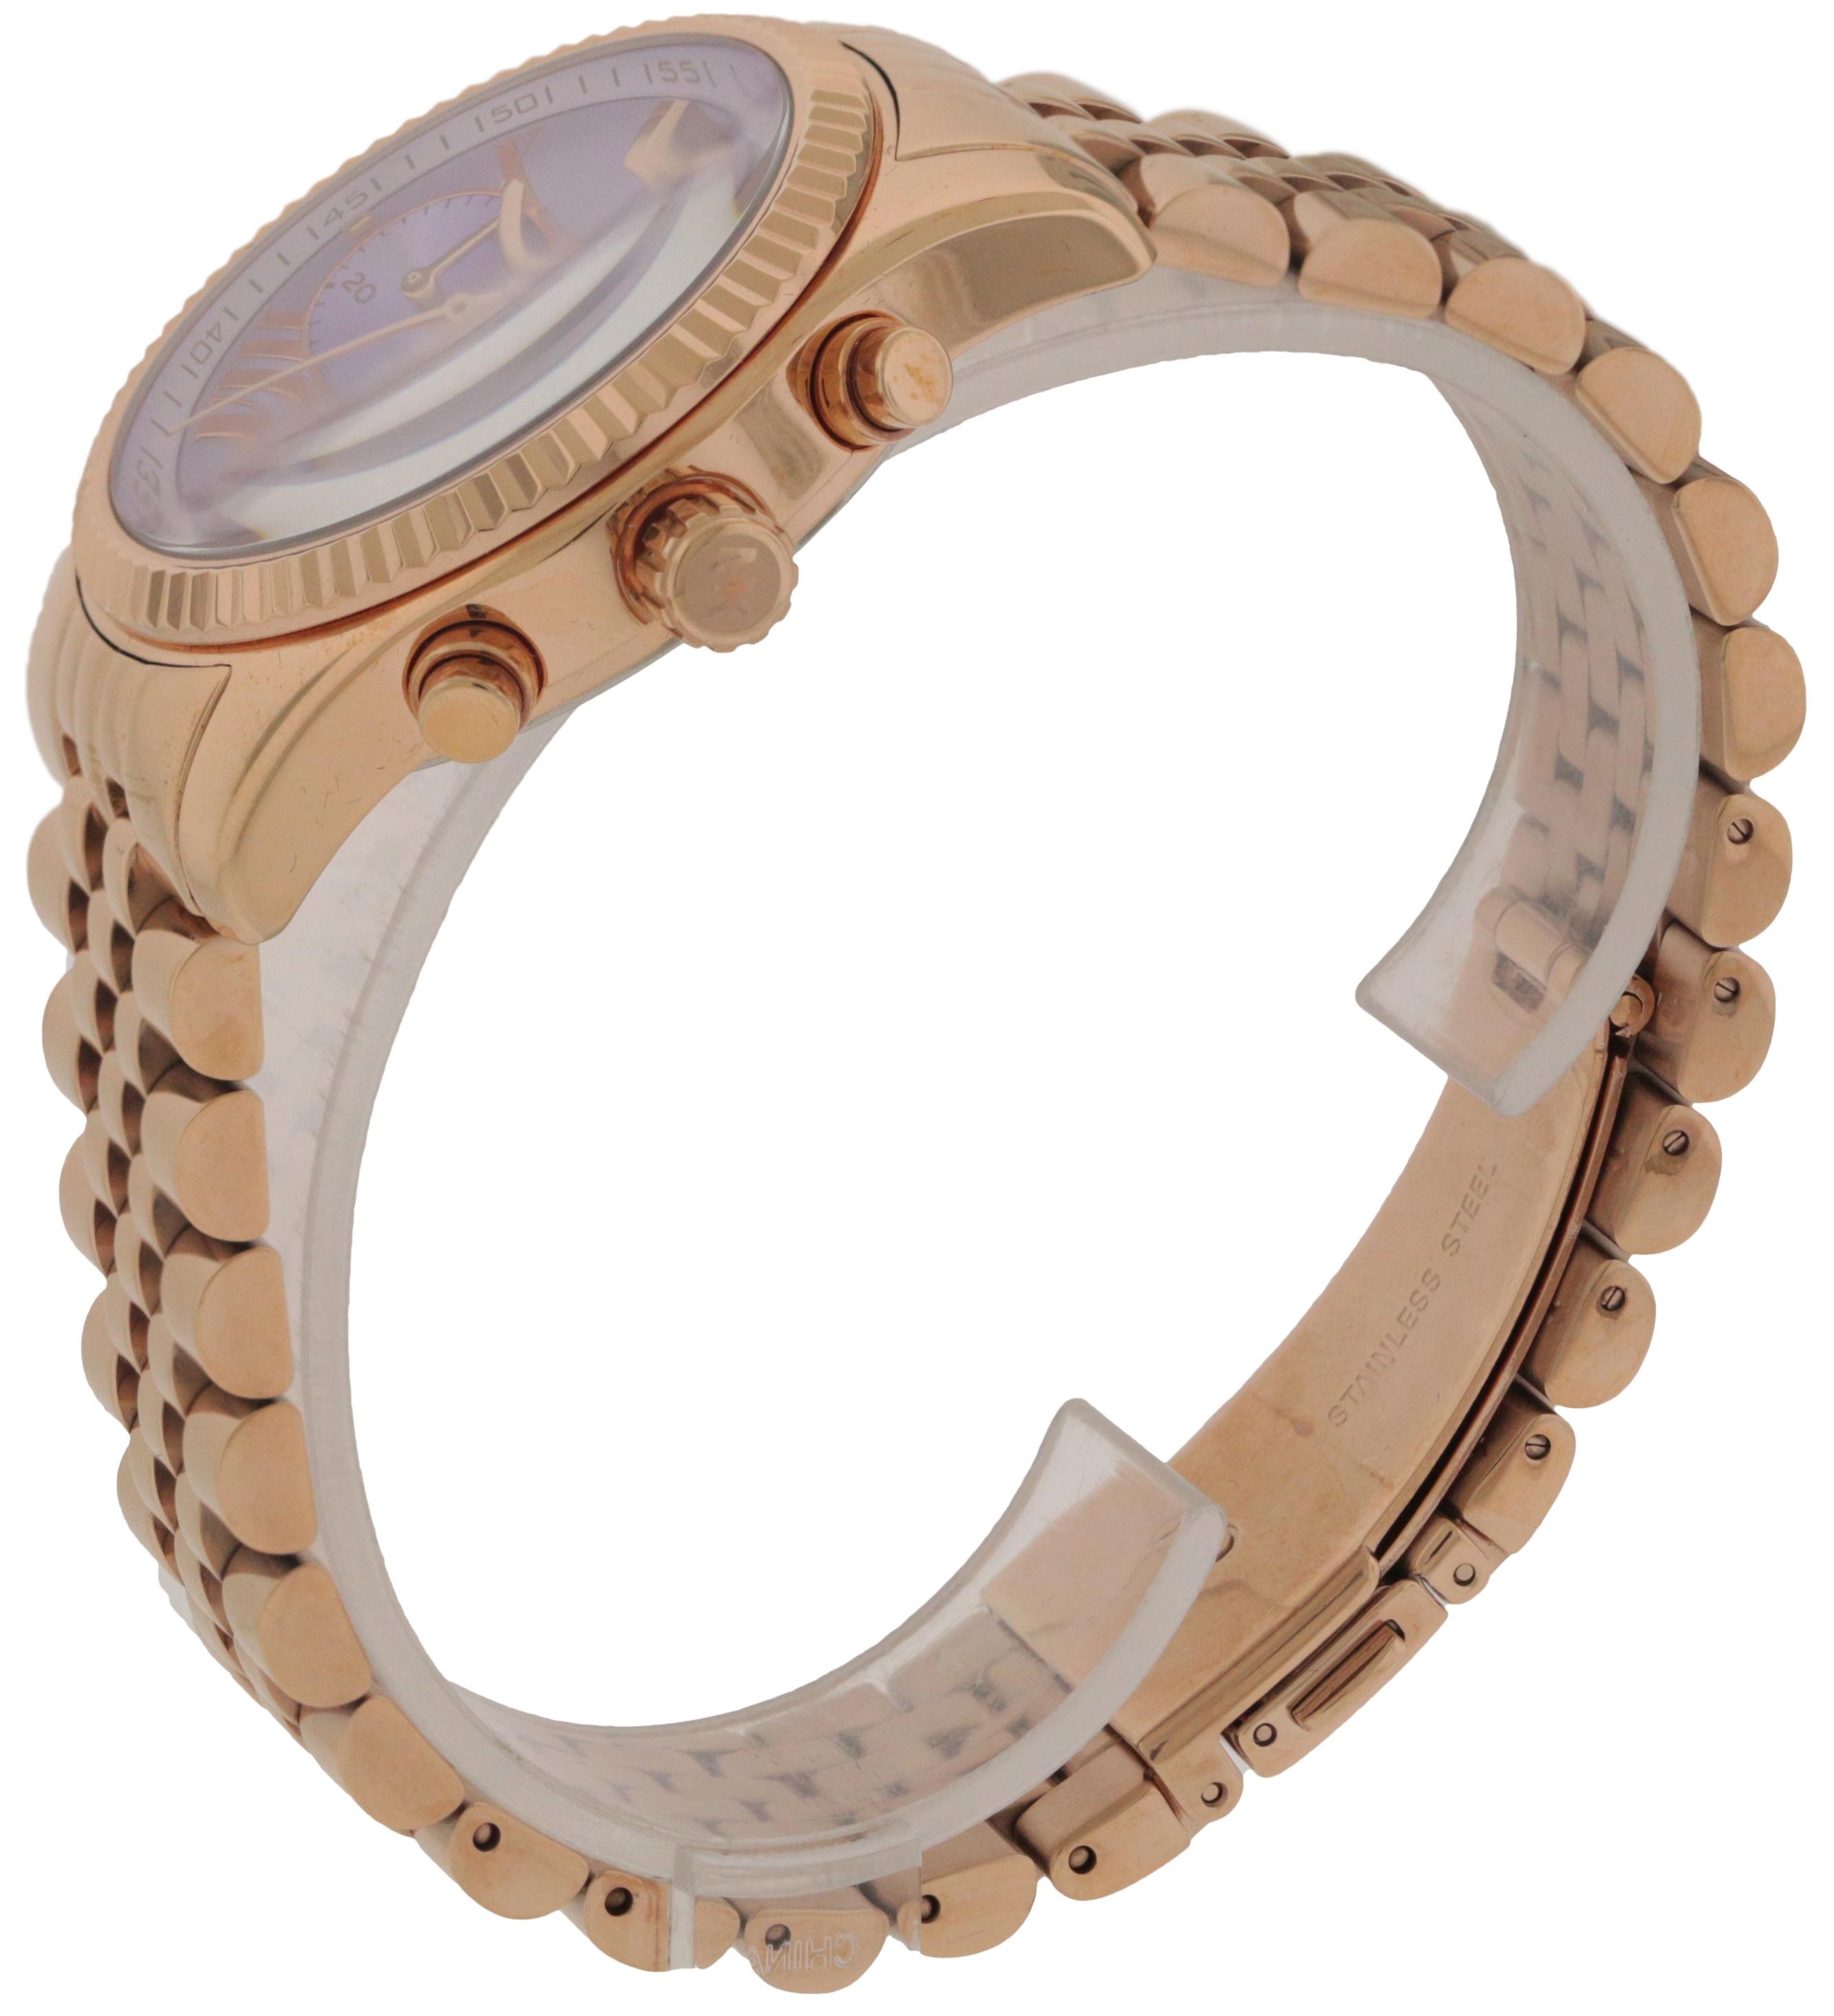 0dbd4d1e55c8 Michael Kors Lexington Ladies Watch MK6207